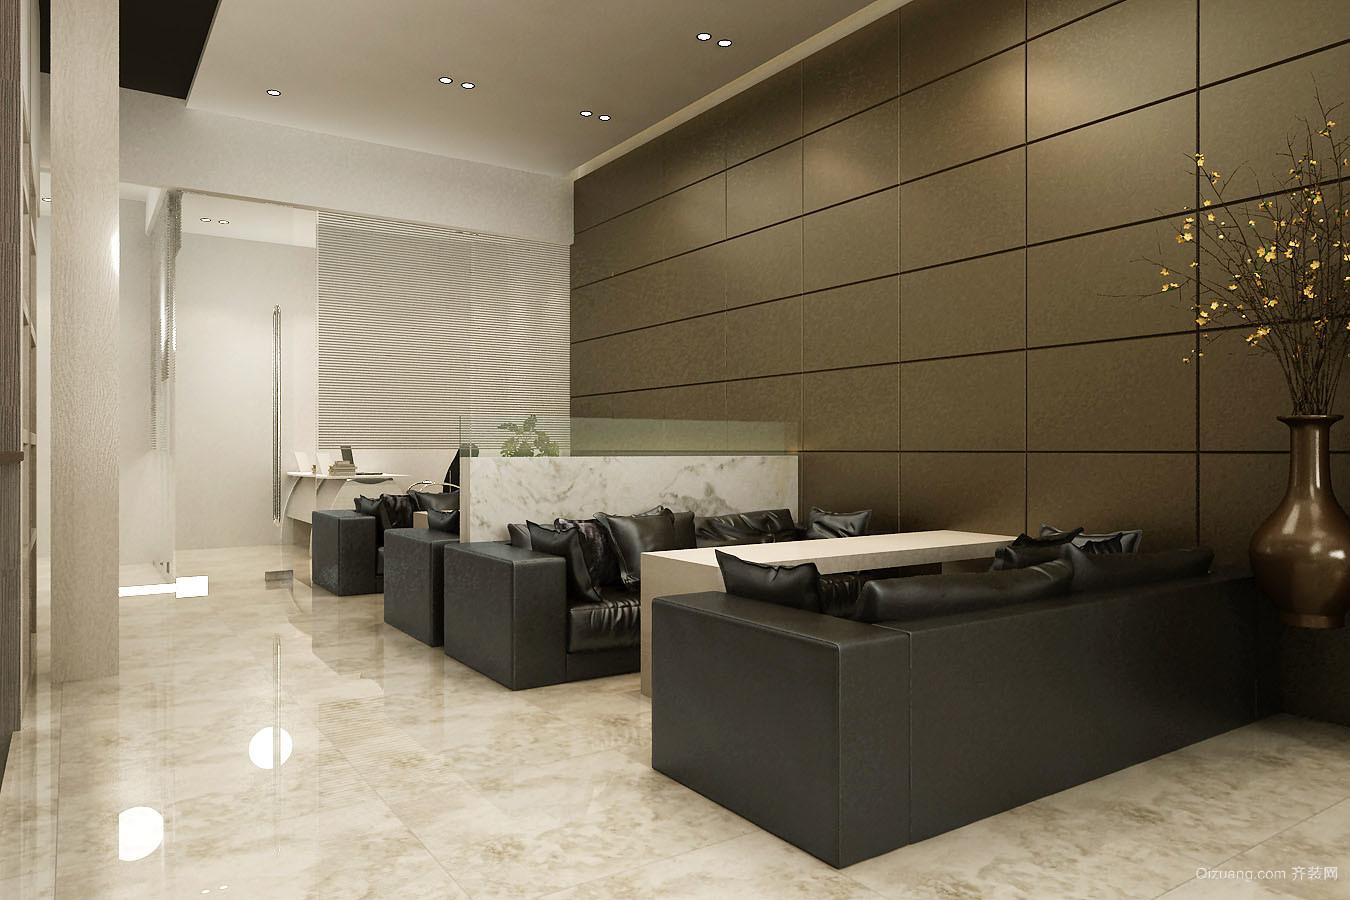 500平米现代简约家装装修图片设计-邢台齐装网溶洞设计的装修图片